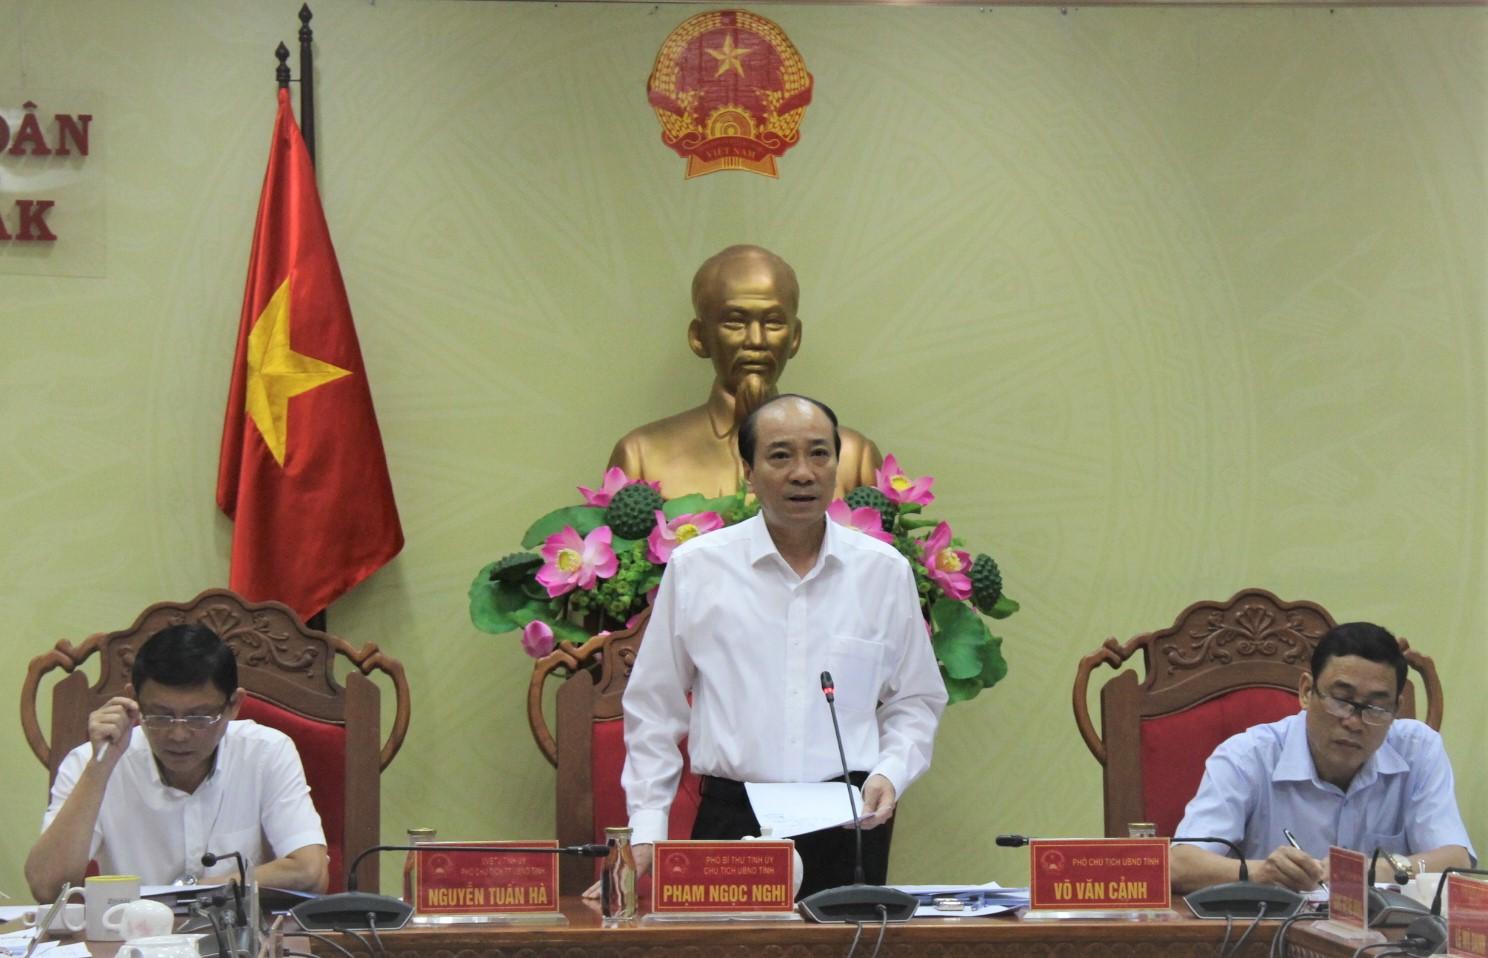 UBND tỉnh họp thông qua các nội dung trình Kỳ họp thứ 10 HĐND tỉnh khóa IX